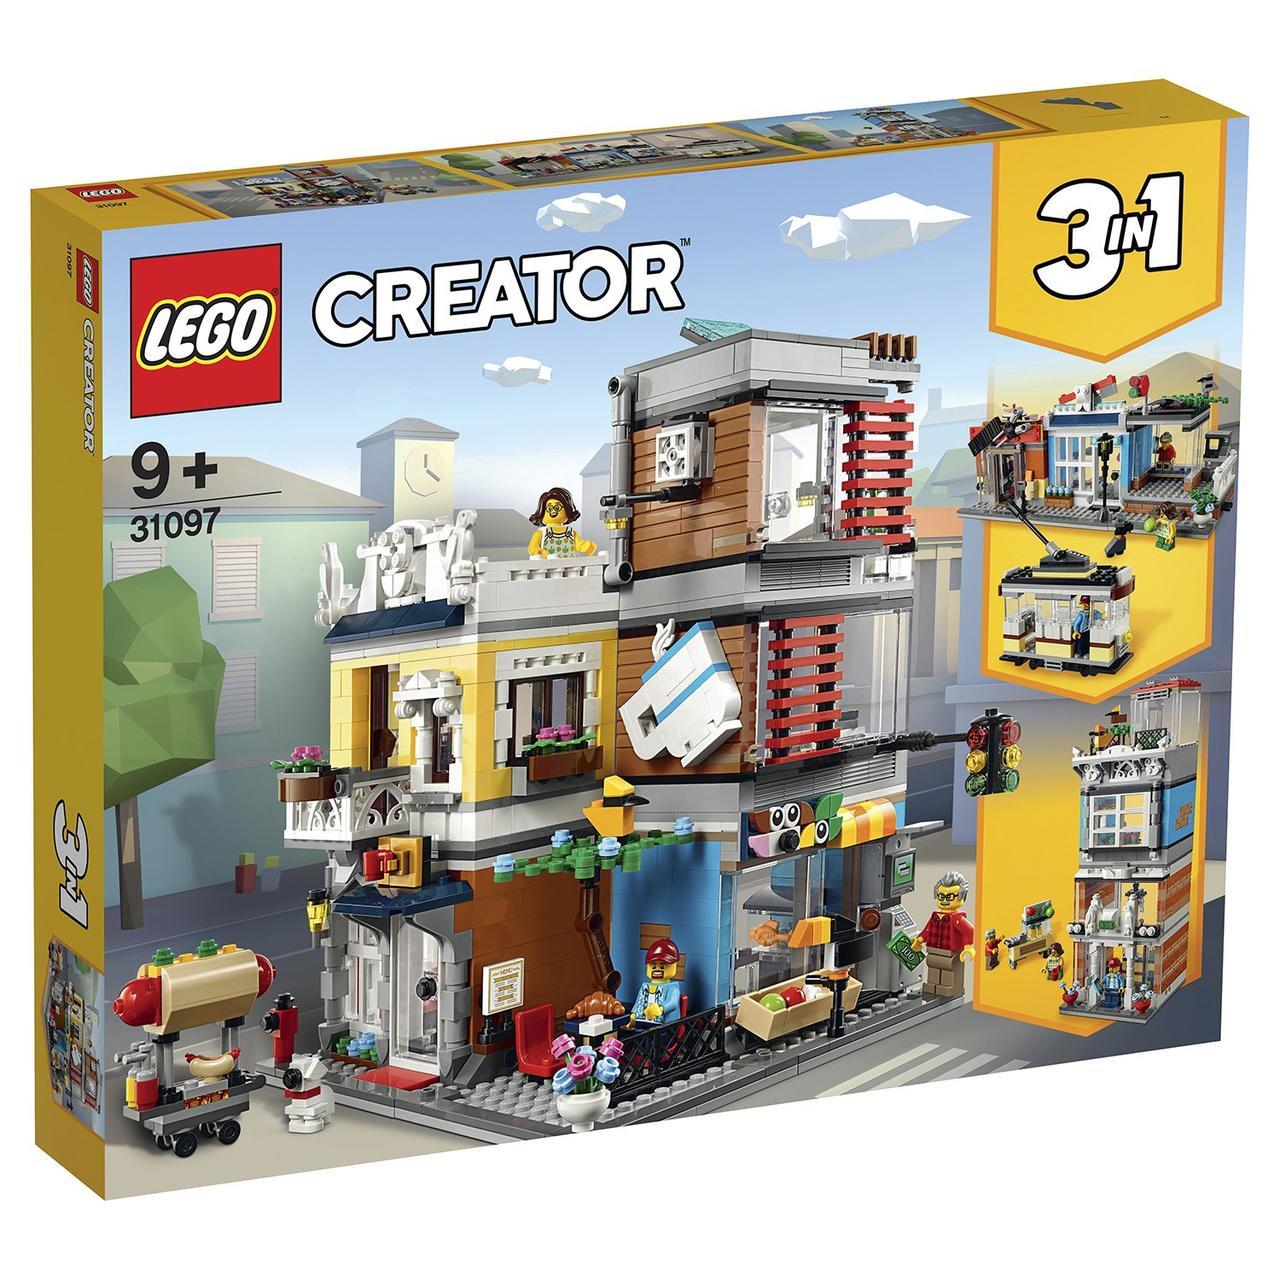 31097 Lego Creator Зоомагазин и кафе в центре Cityа, Лего Криэйтор